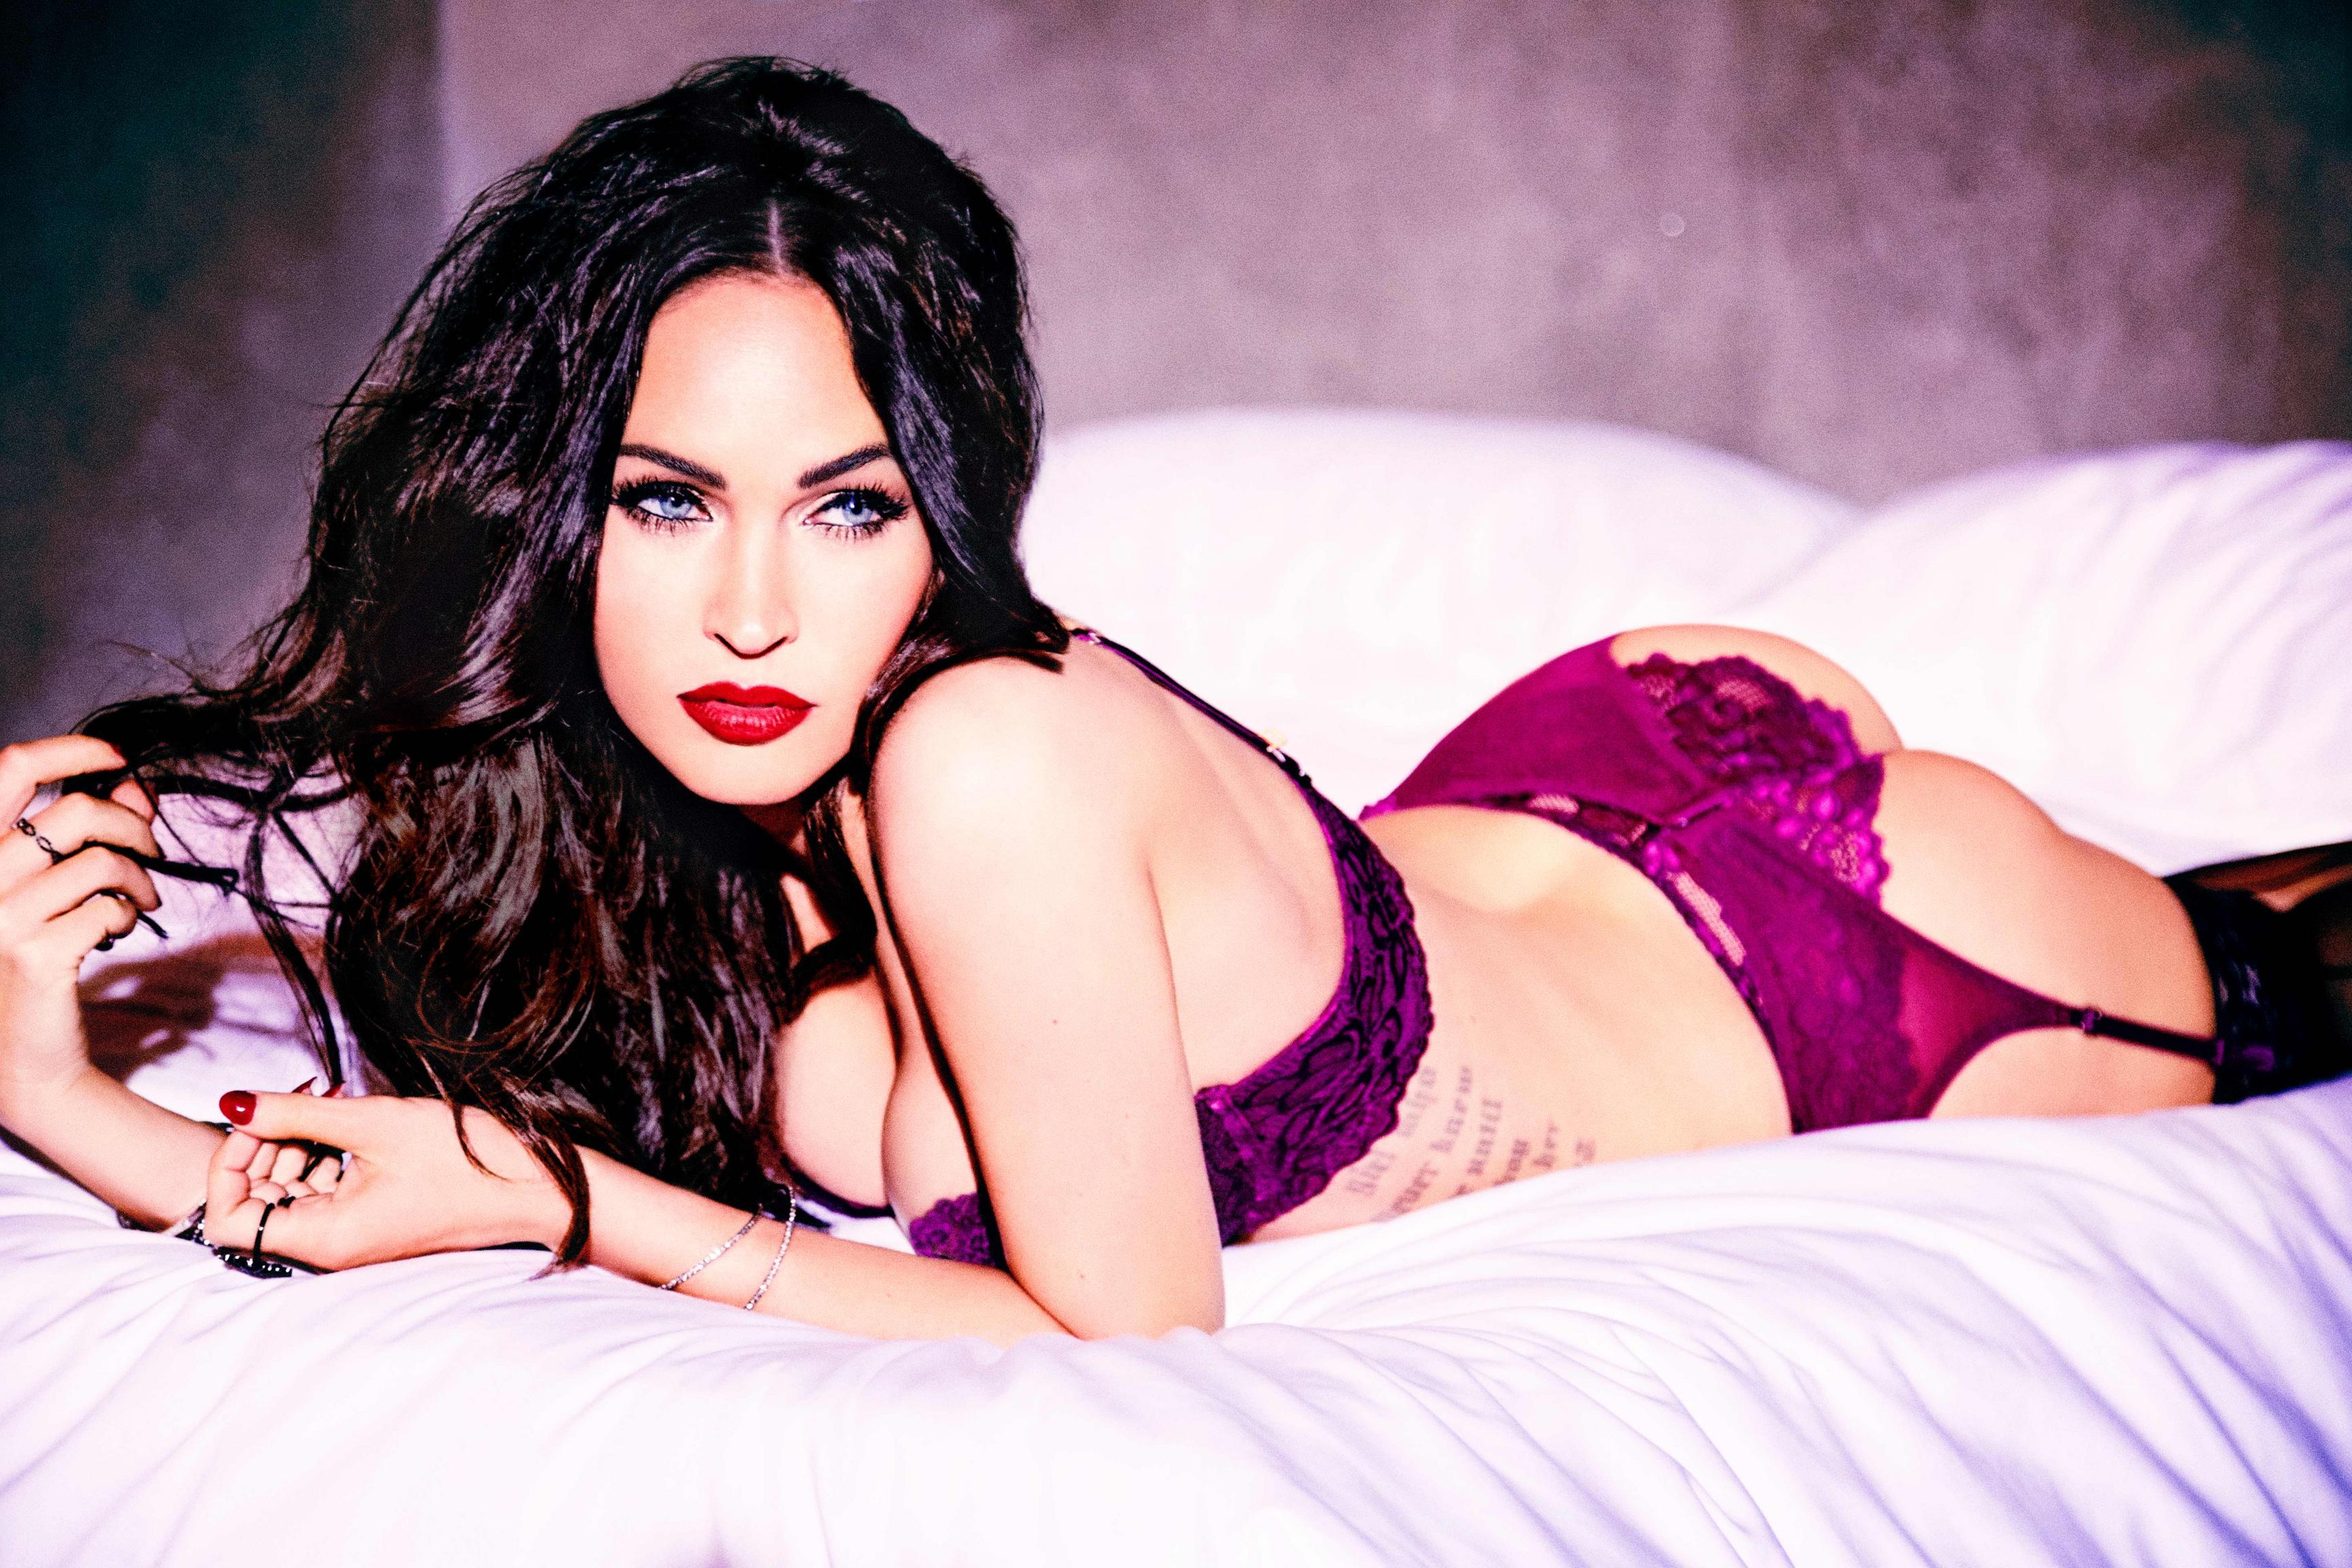 Голая Меган Фокс (Megan Fox), самые откровенные фото